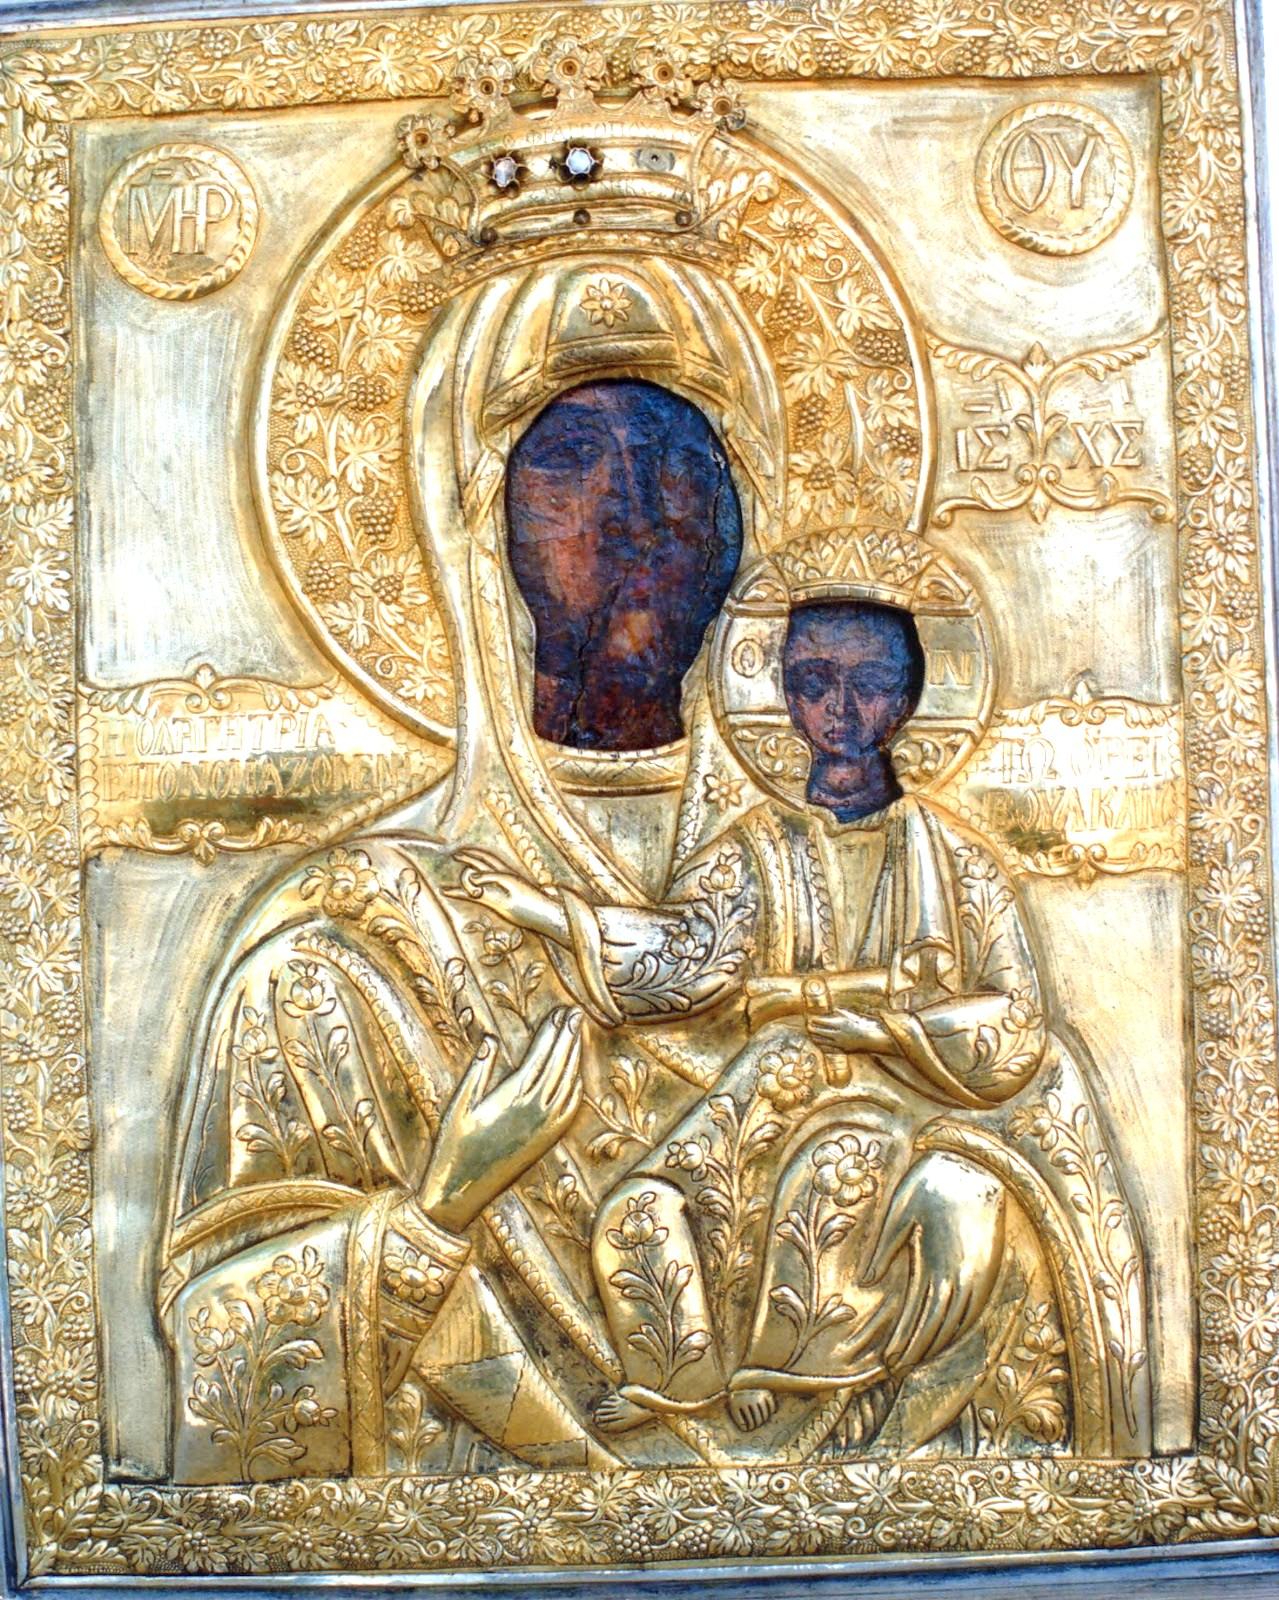 Αποτέλεσμα εικόνας για Θαυματουργής εικόνας της Παναγίας της Βουλκανιώτισσας προς την Μεσσήνη.